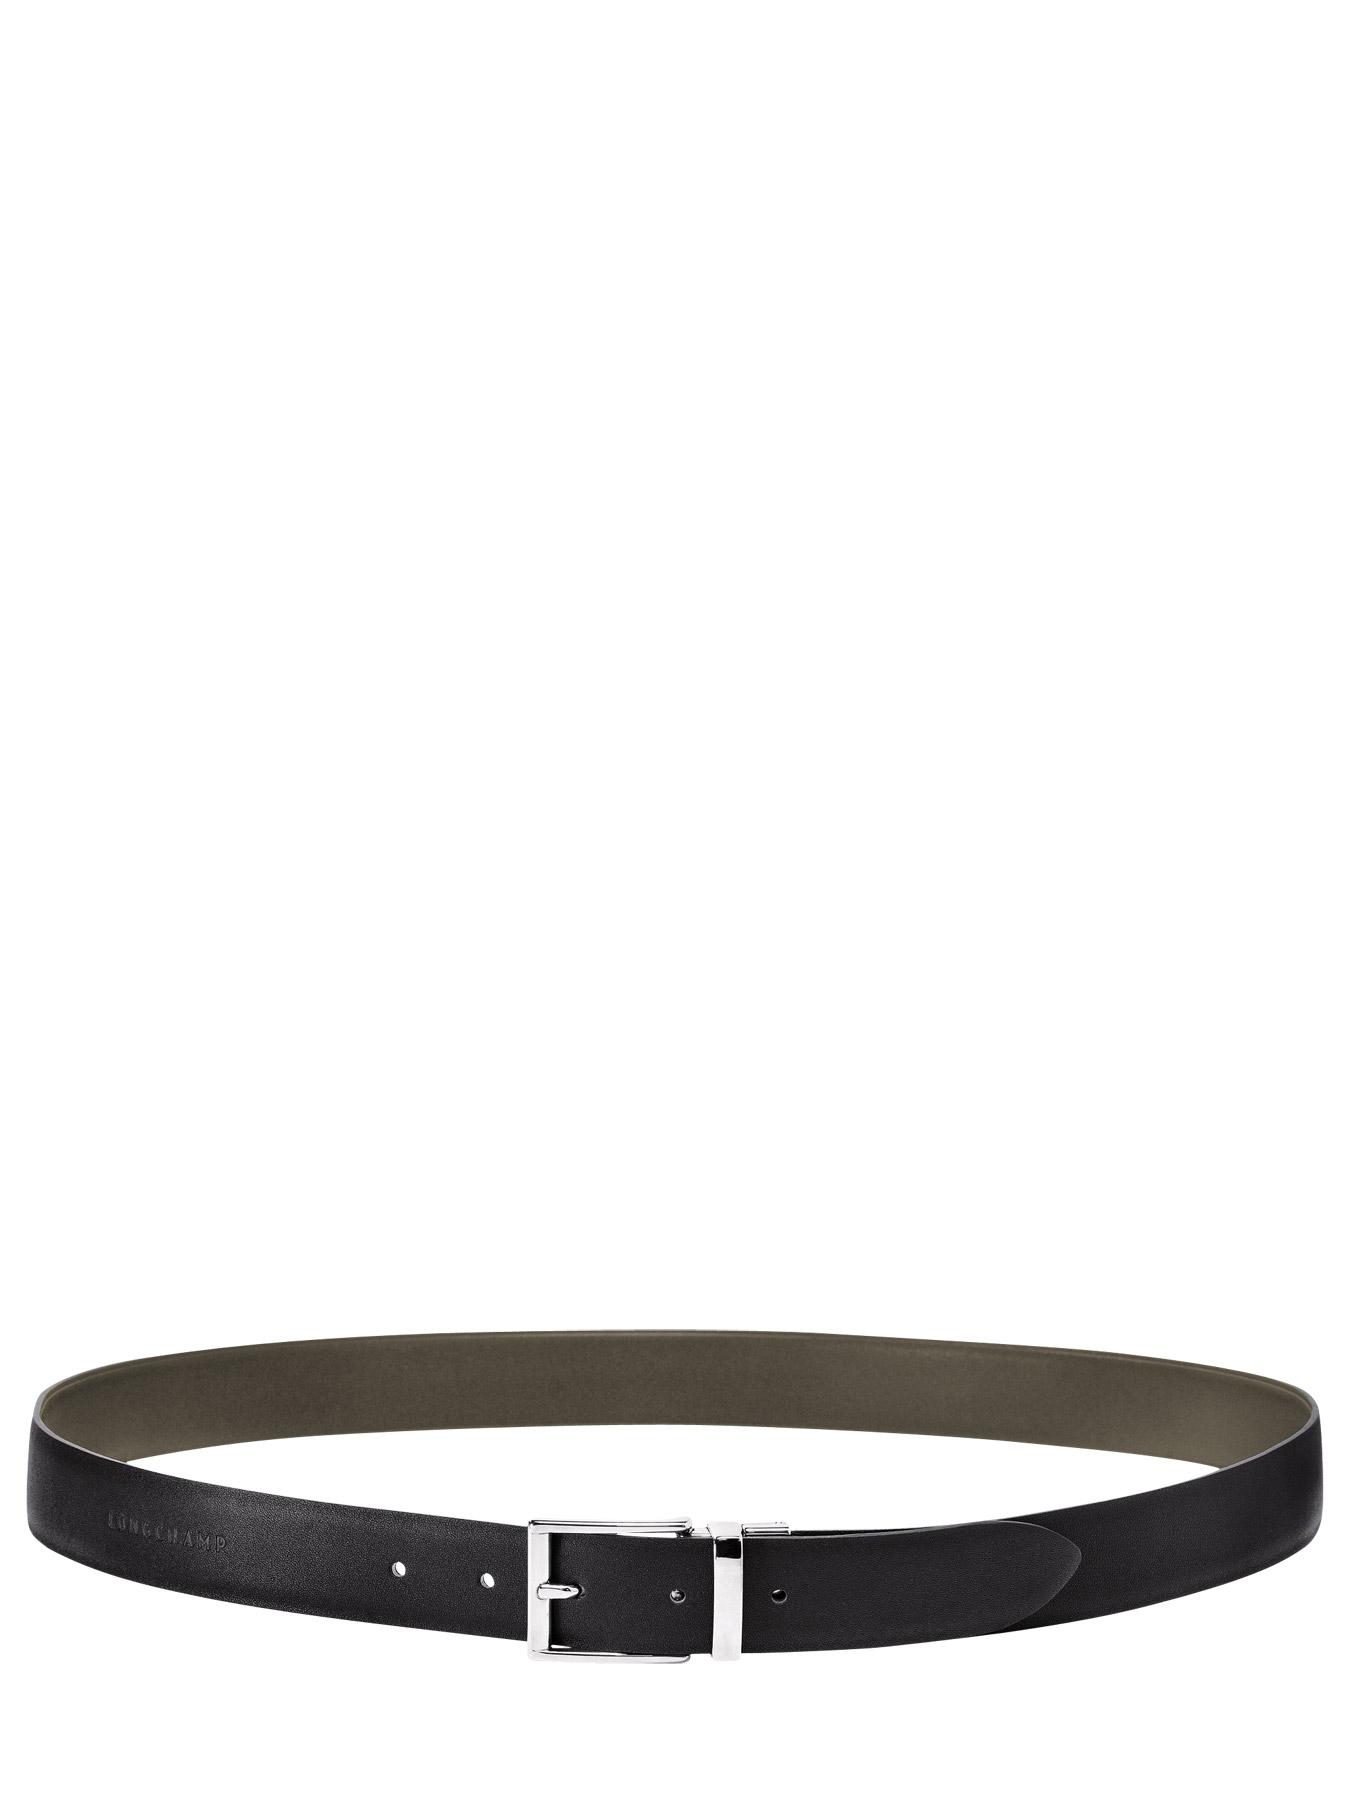 37929c65c9b Ceinture Longchamp 7704788 noir kaki en vente au meilleur prix